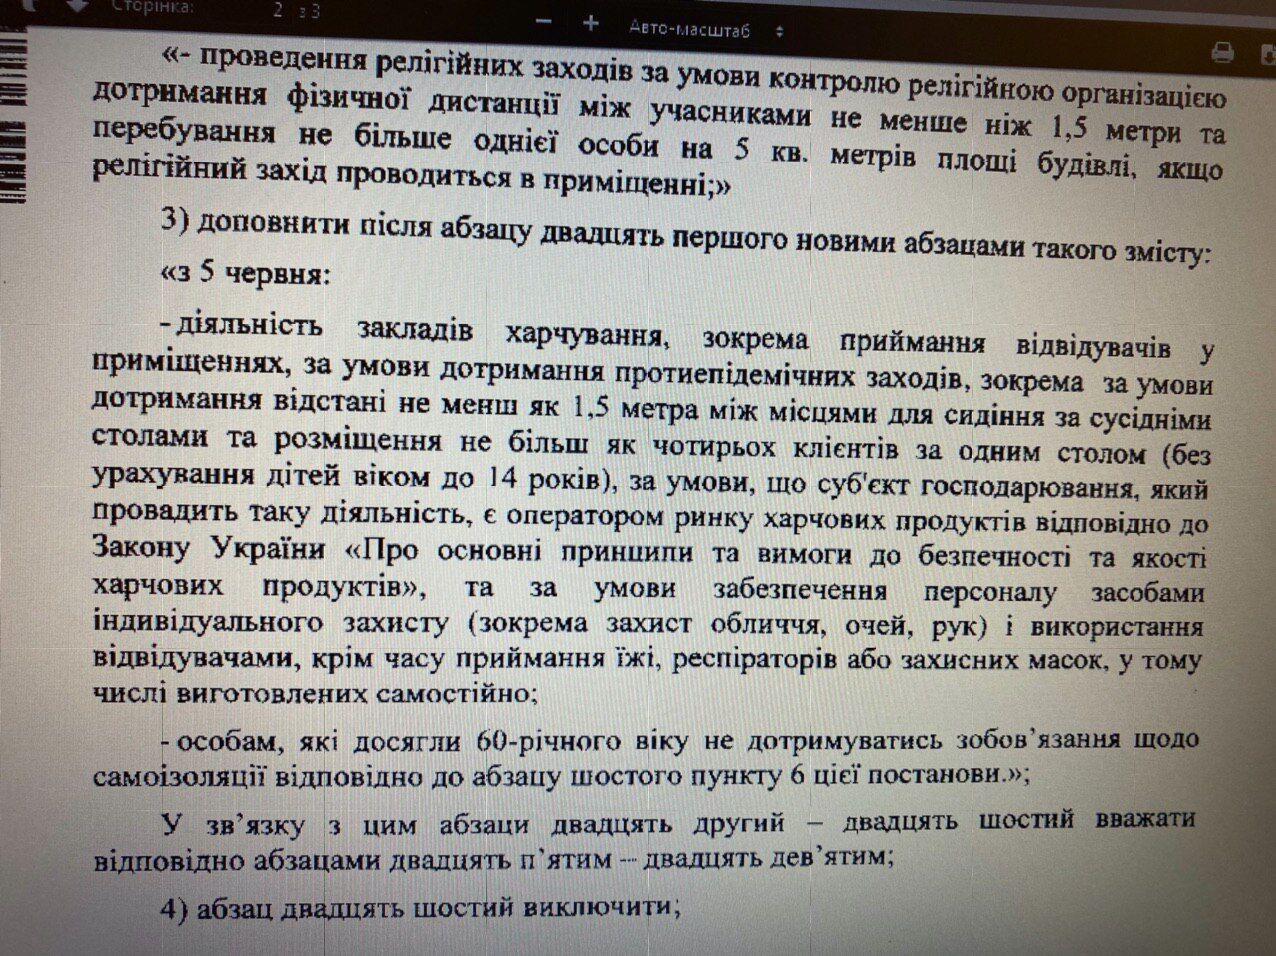 В Україні зняли майже всі карантинні обмеження: що тепер дозволено